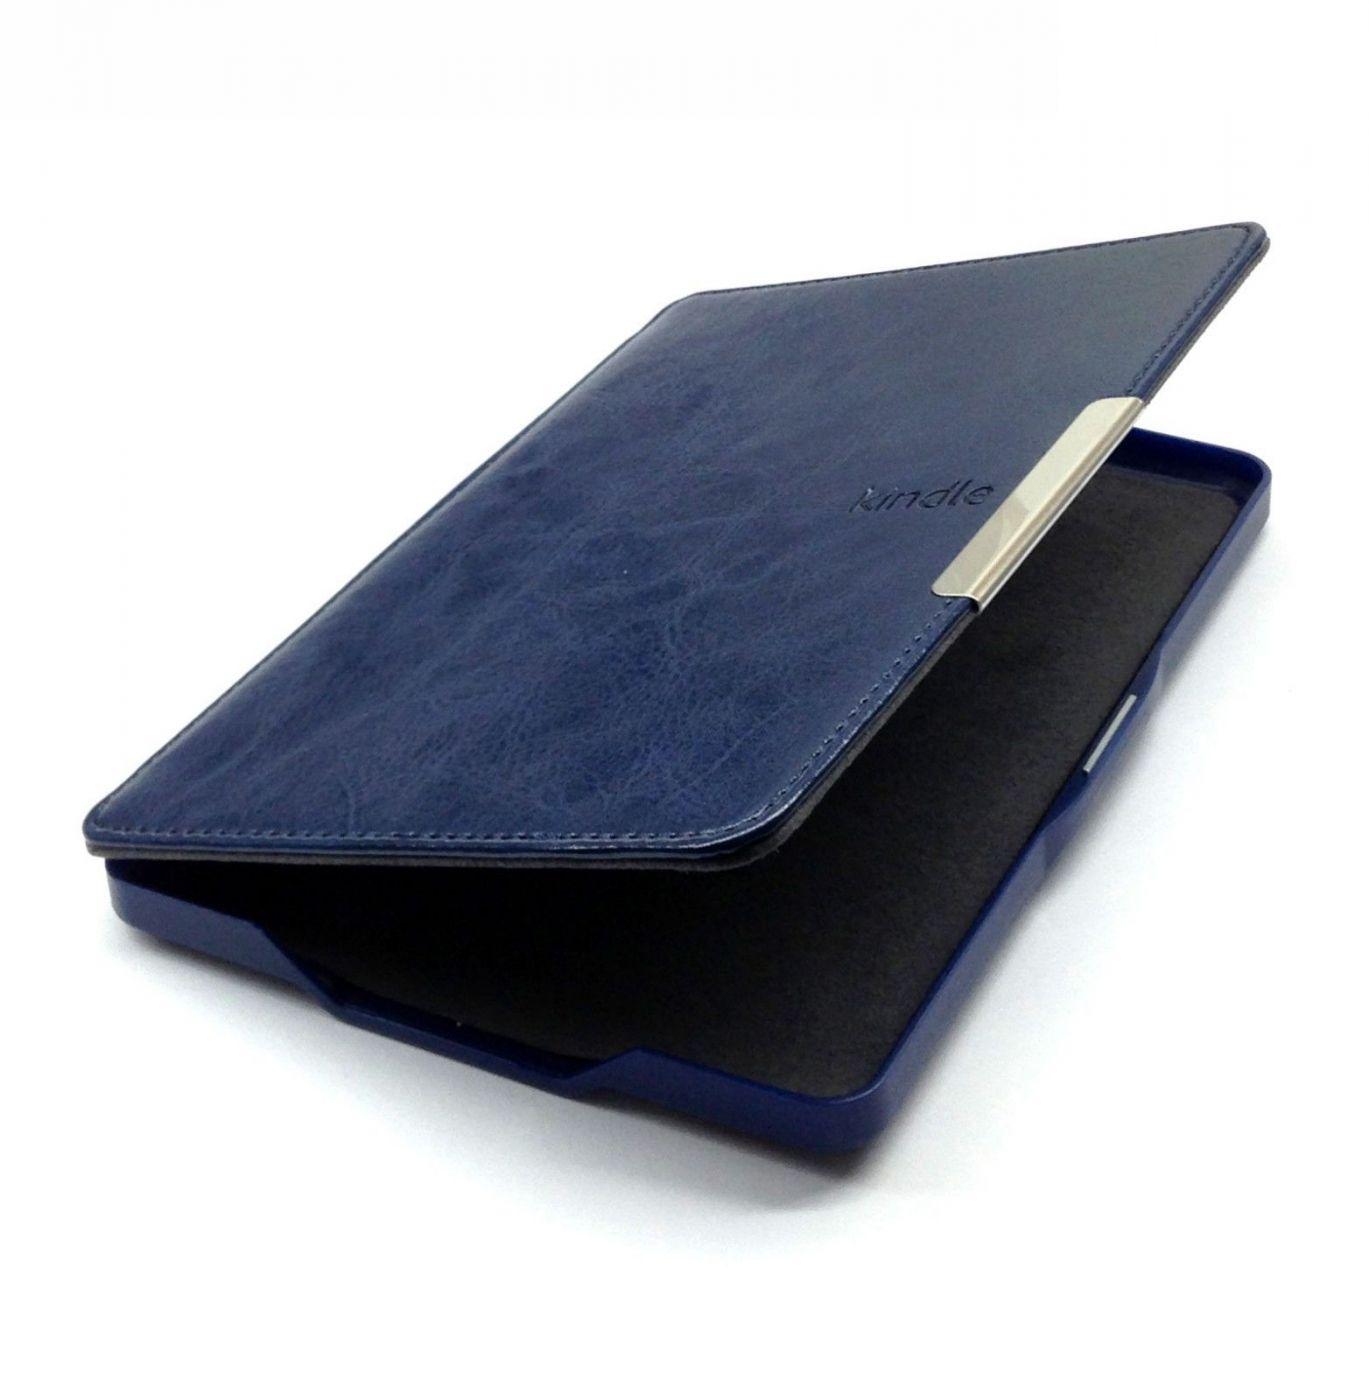 Обложка для Amazon Kindle 8 (с магнитной застежкой) Синяя